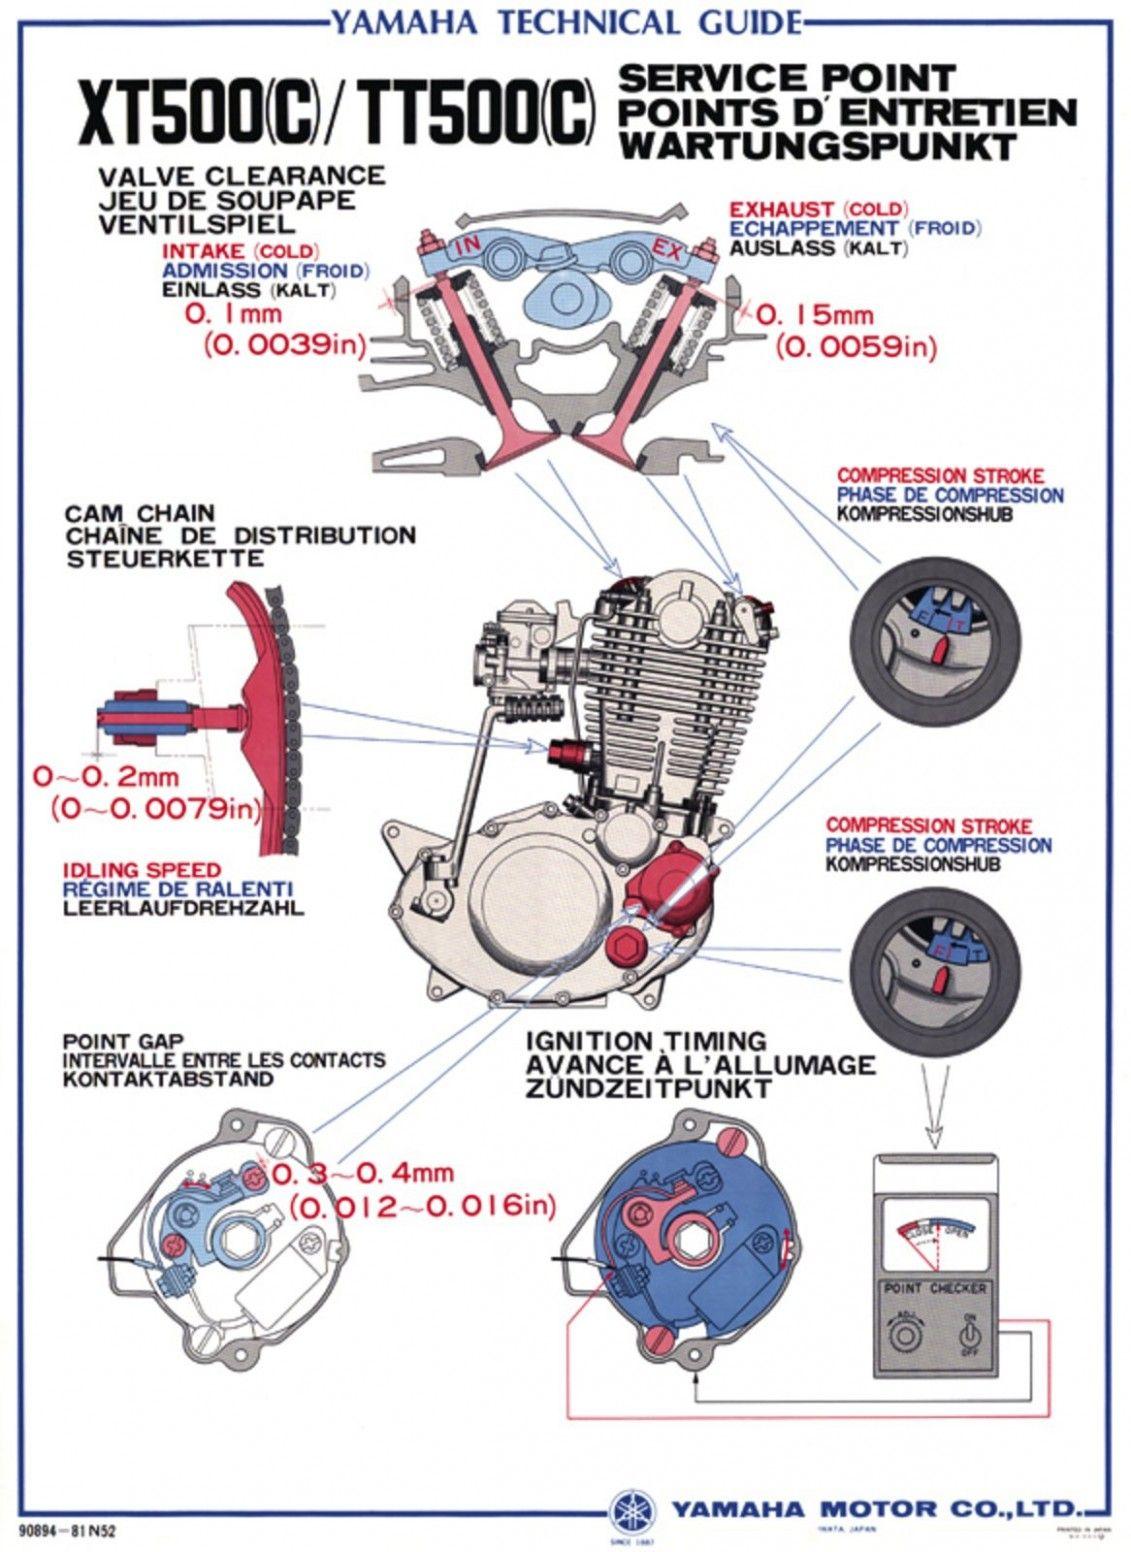 Engine Diagram Poster Yamaha Yamaha Yamaha Engines Yamaha Supermoto